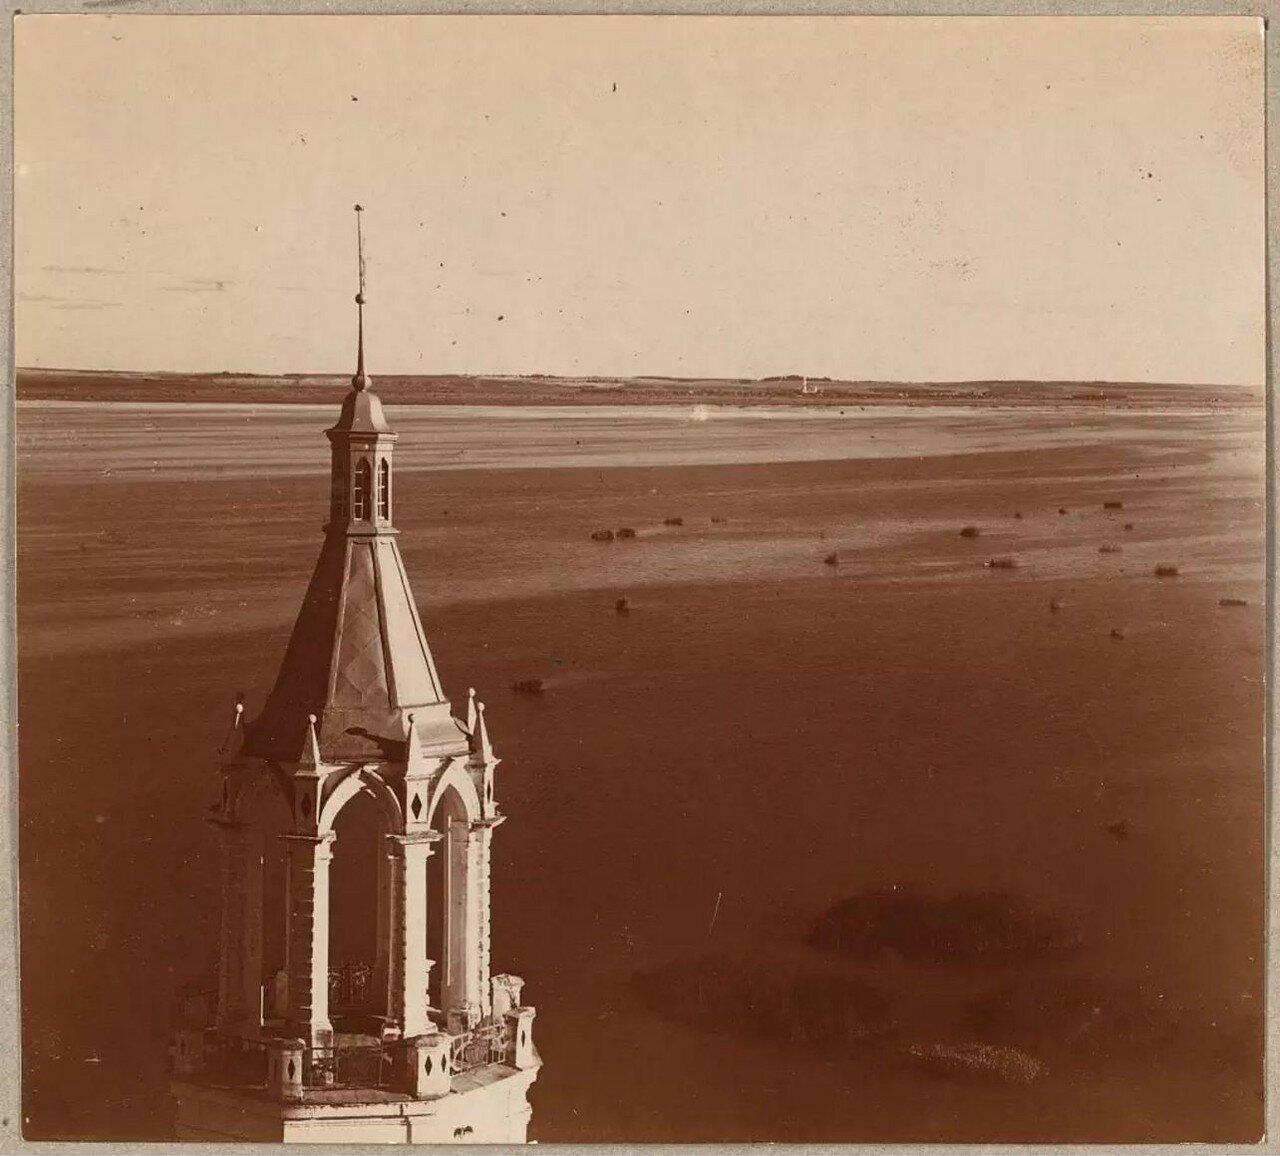 Окрестности Ростова Великого. Спасо-Яковлевский монастырь. Вид на озеро Неро с запада с колокольни монастыря